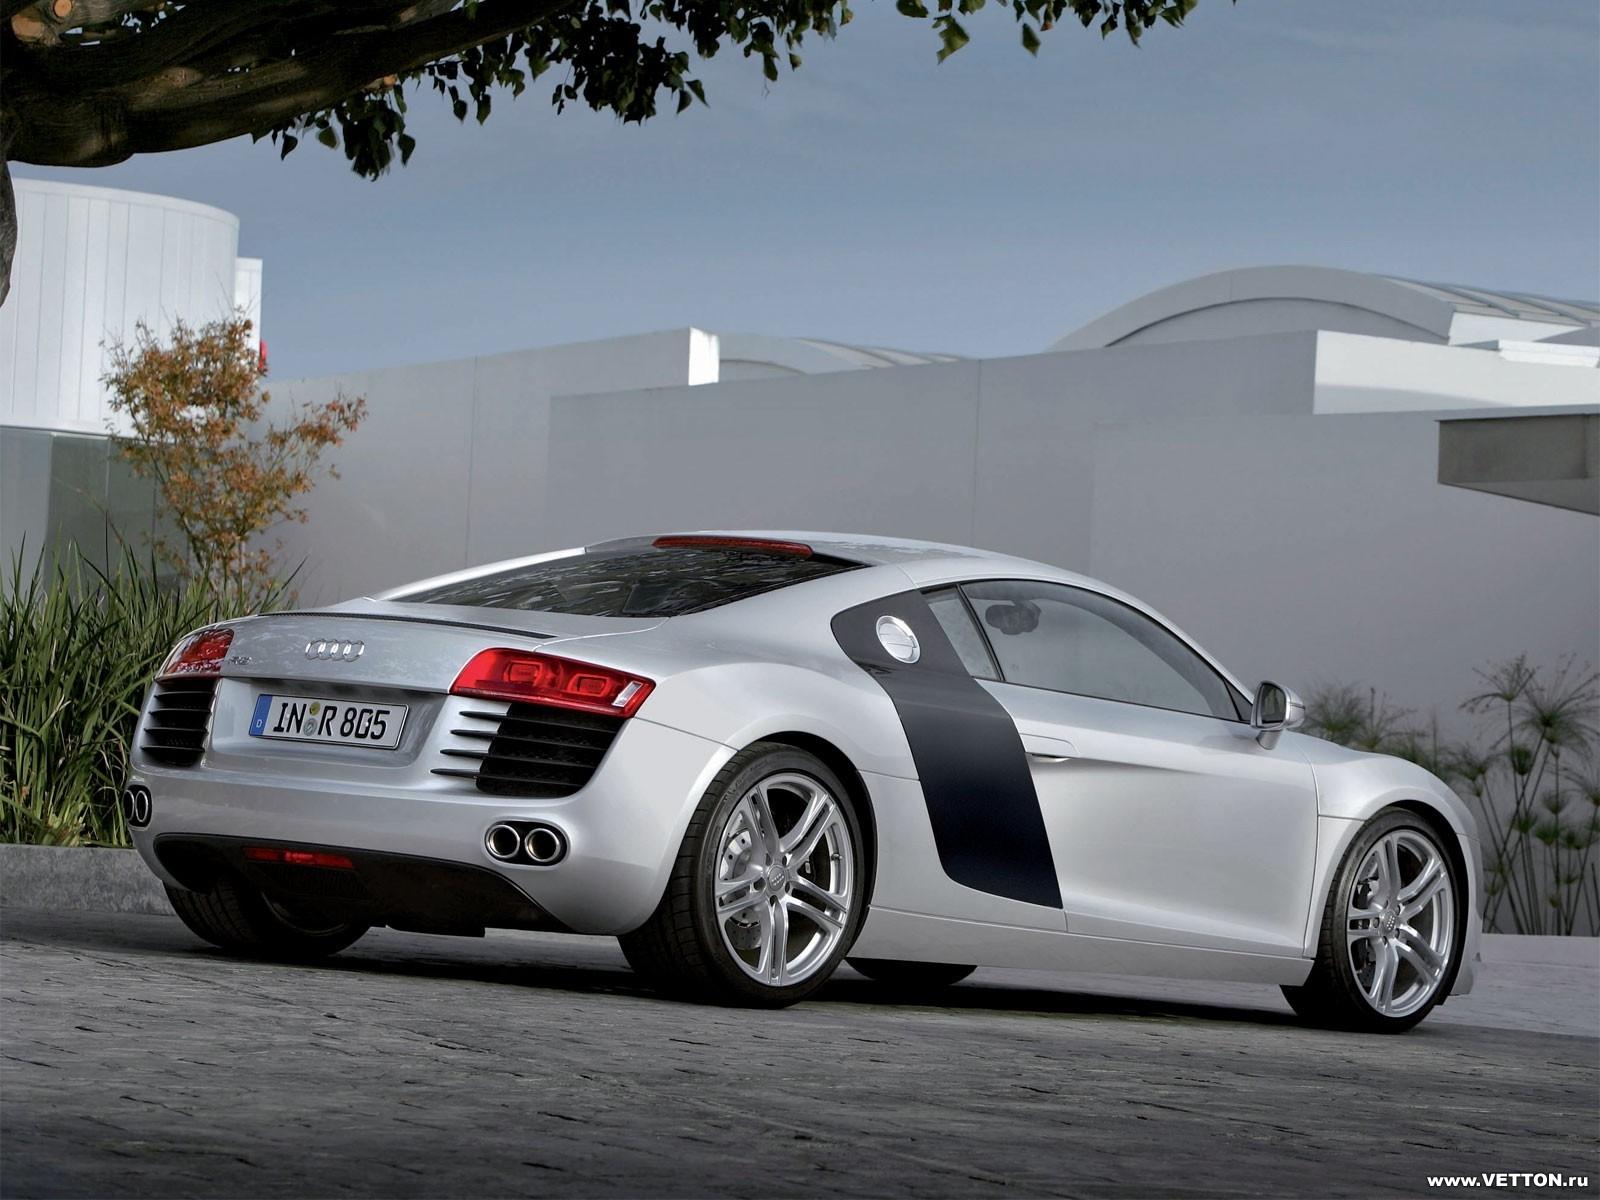 9330 скачать обои Транспорт, Машины, Ауди (Audi) - заставки и картинки бесплатно